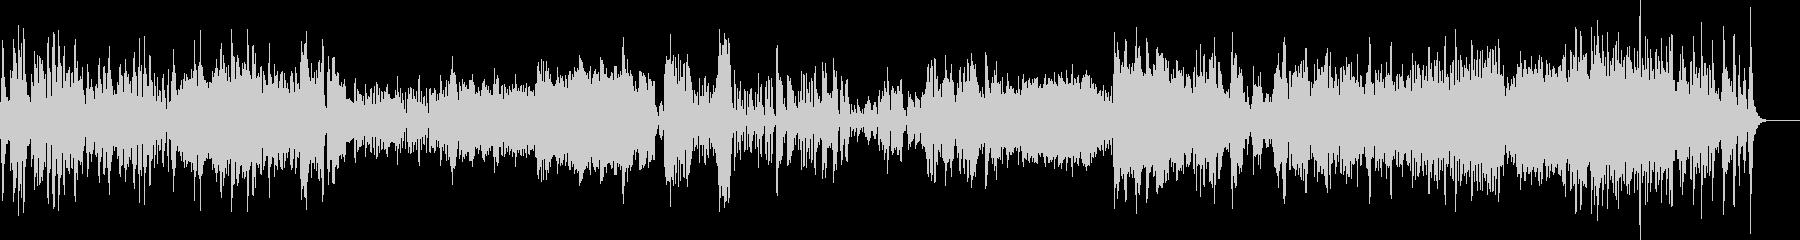 元気が出るピアノソナタの未再生の波形